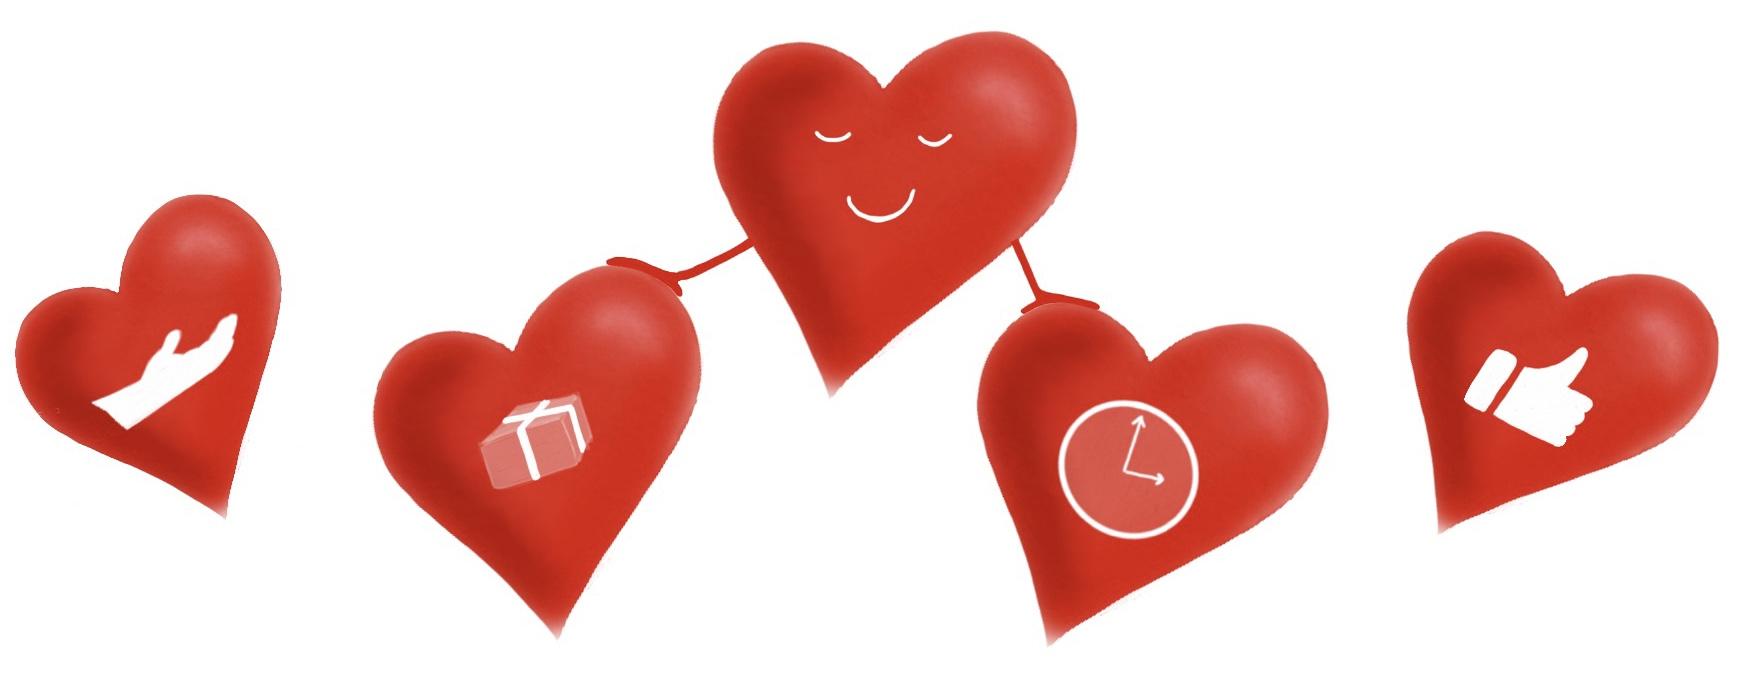 Øv deg på å gjenkjenne kjærlighetsspråkene